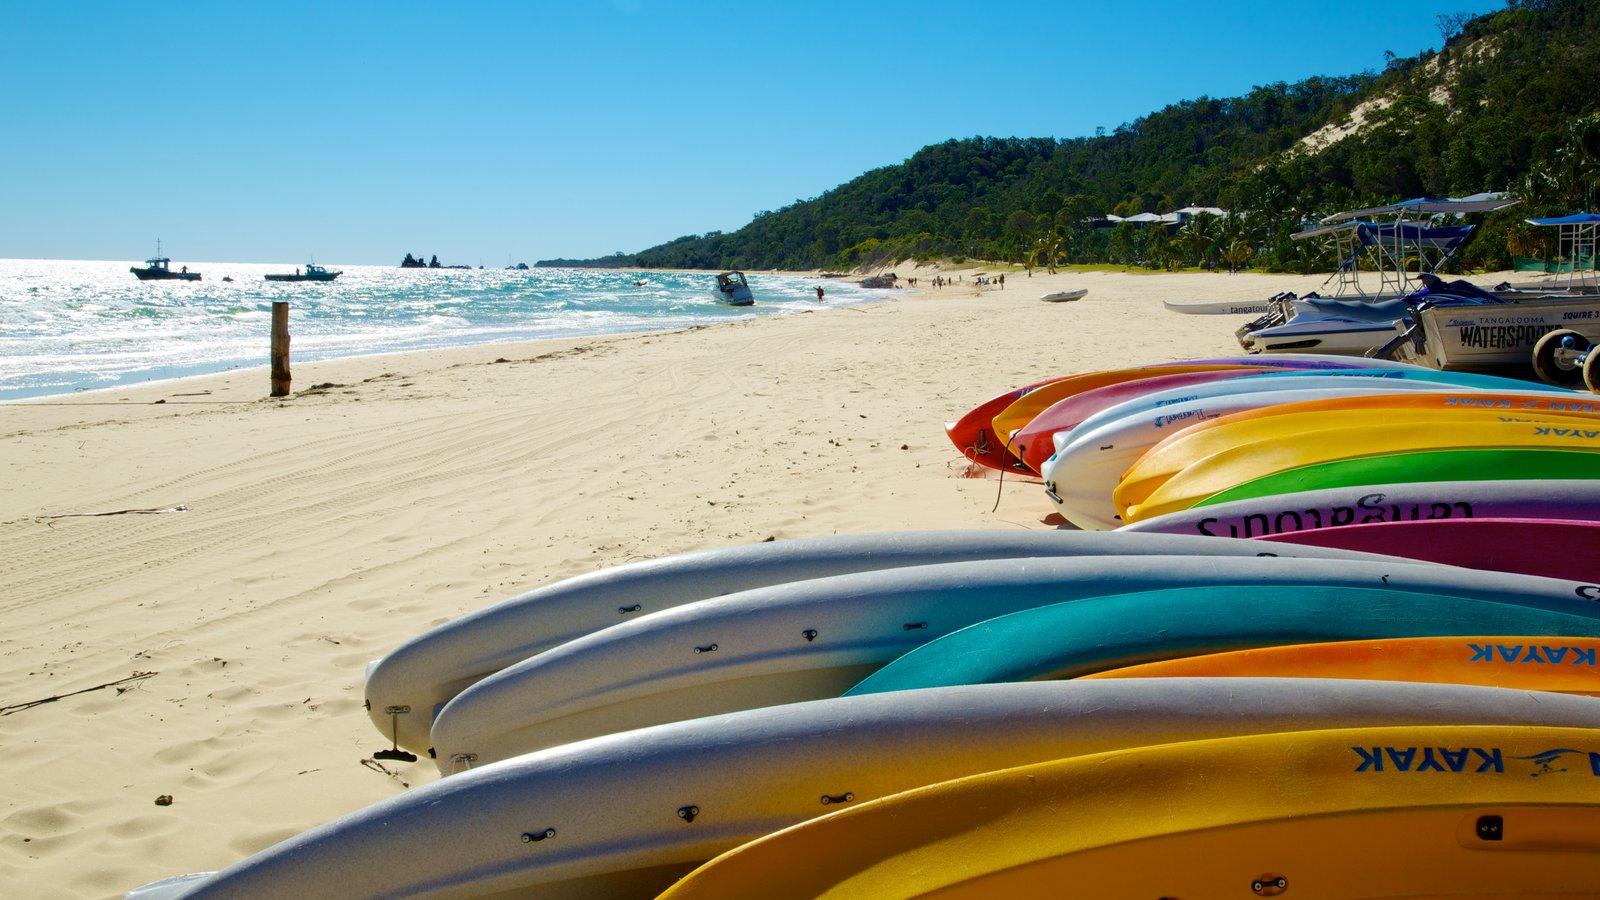 Parque nacional de Isla Moreton que incluye una playa de arena y escenas tropicales